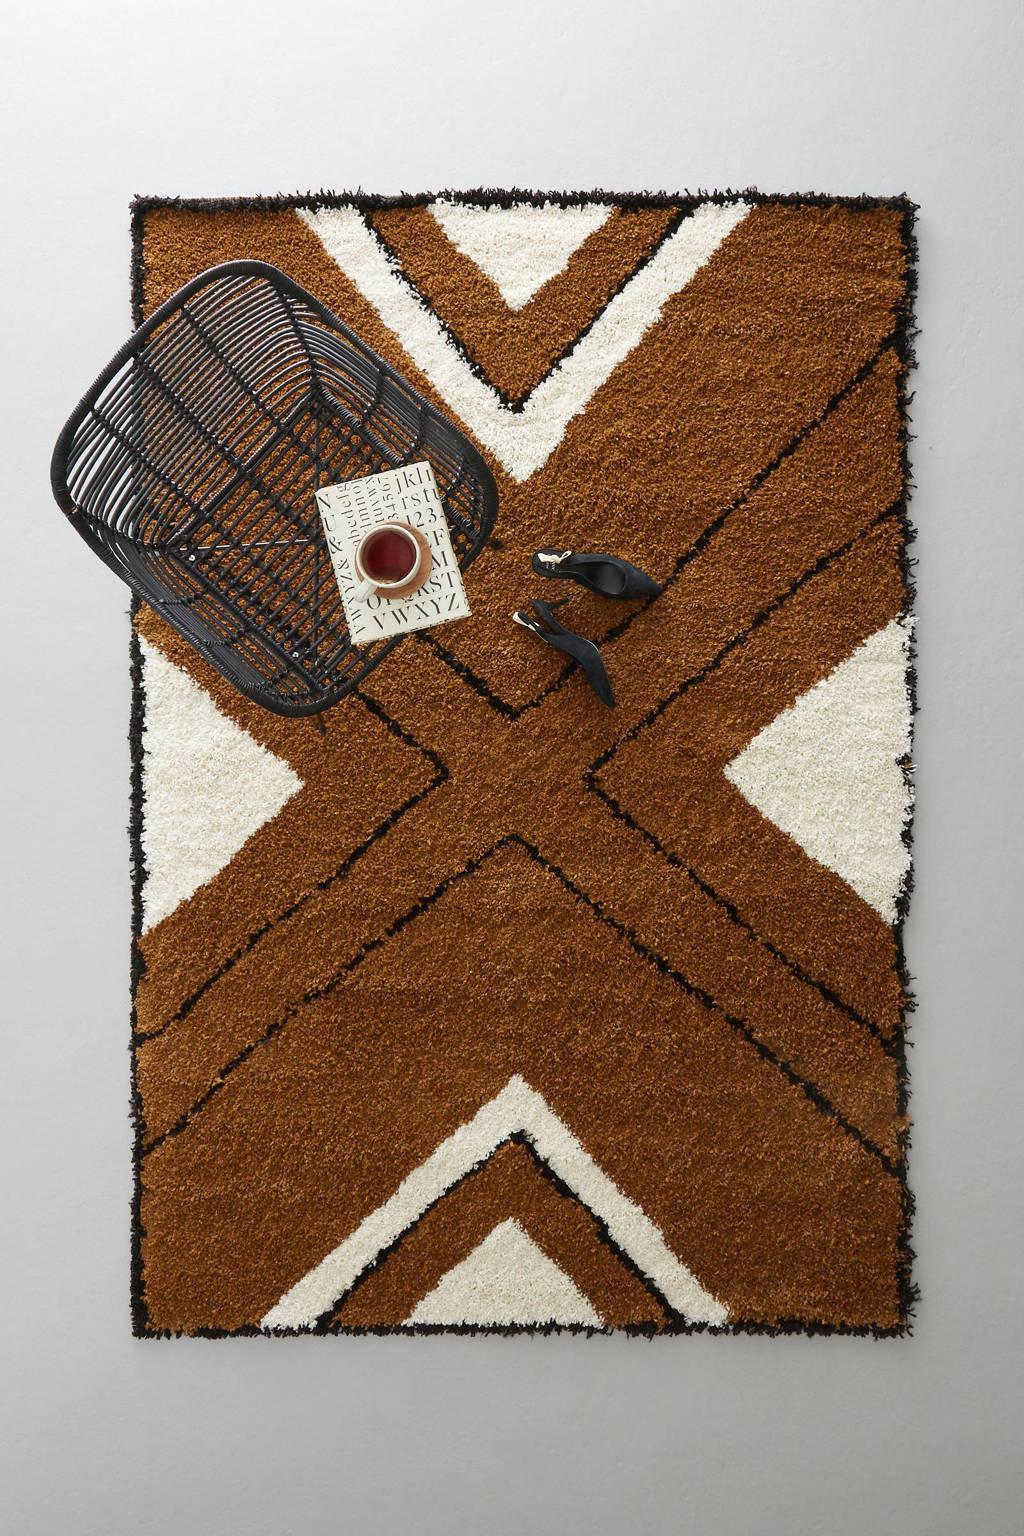 whkmp's own vloerkleed Royal Nomadic  (230x160 cm), Crème, Bruin, Zwart